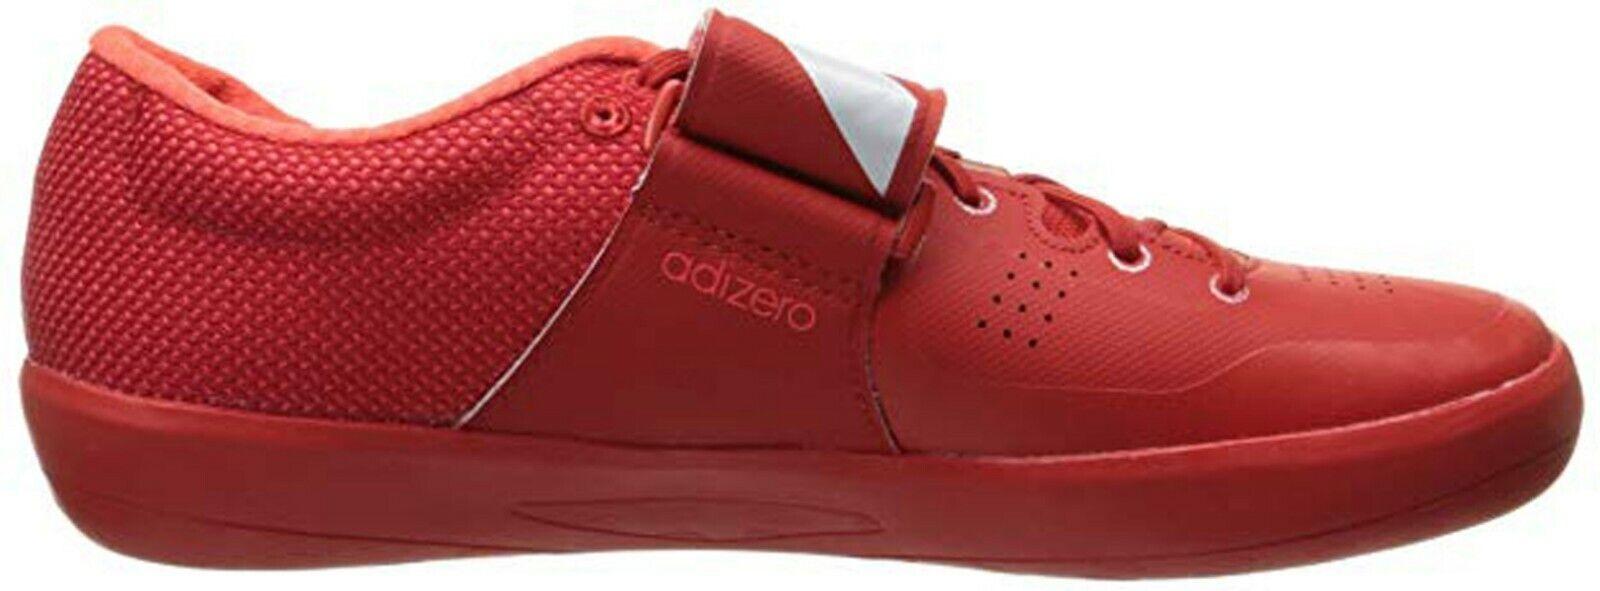 Adidas - ADIZERO SHOTPUT Men's Athletic Trainers Red (BB4118)